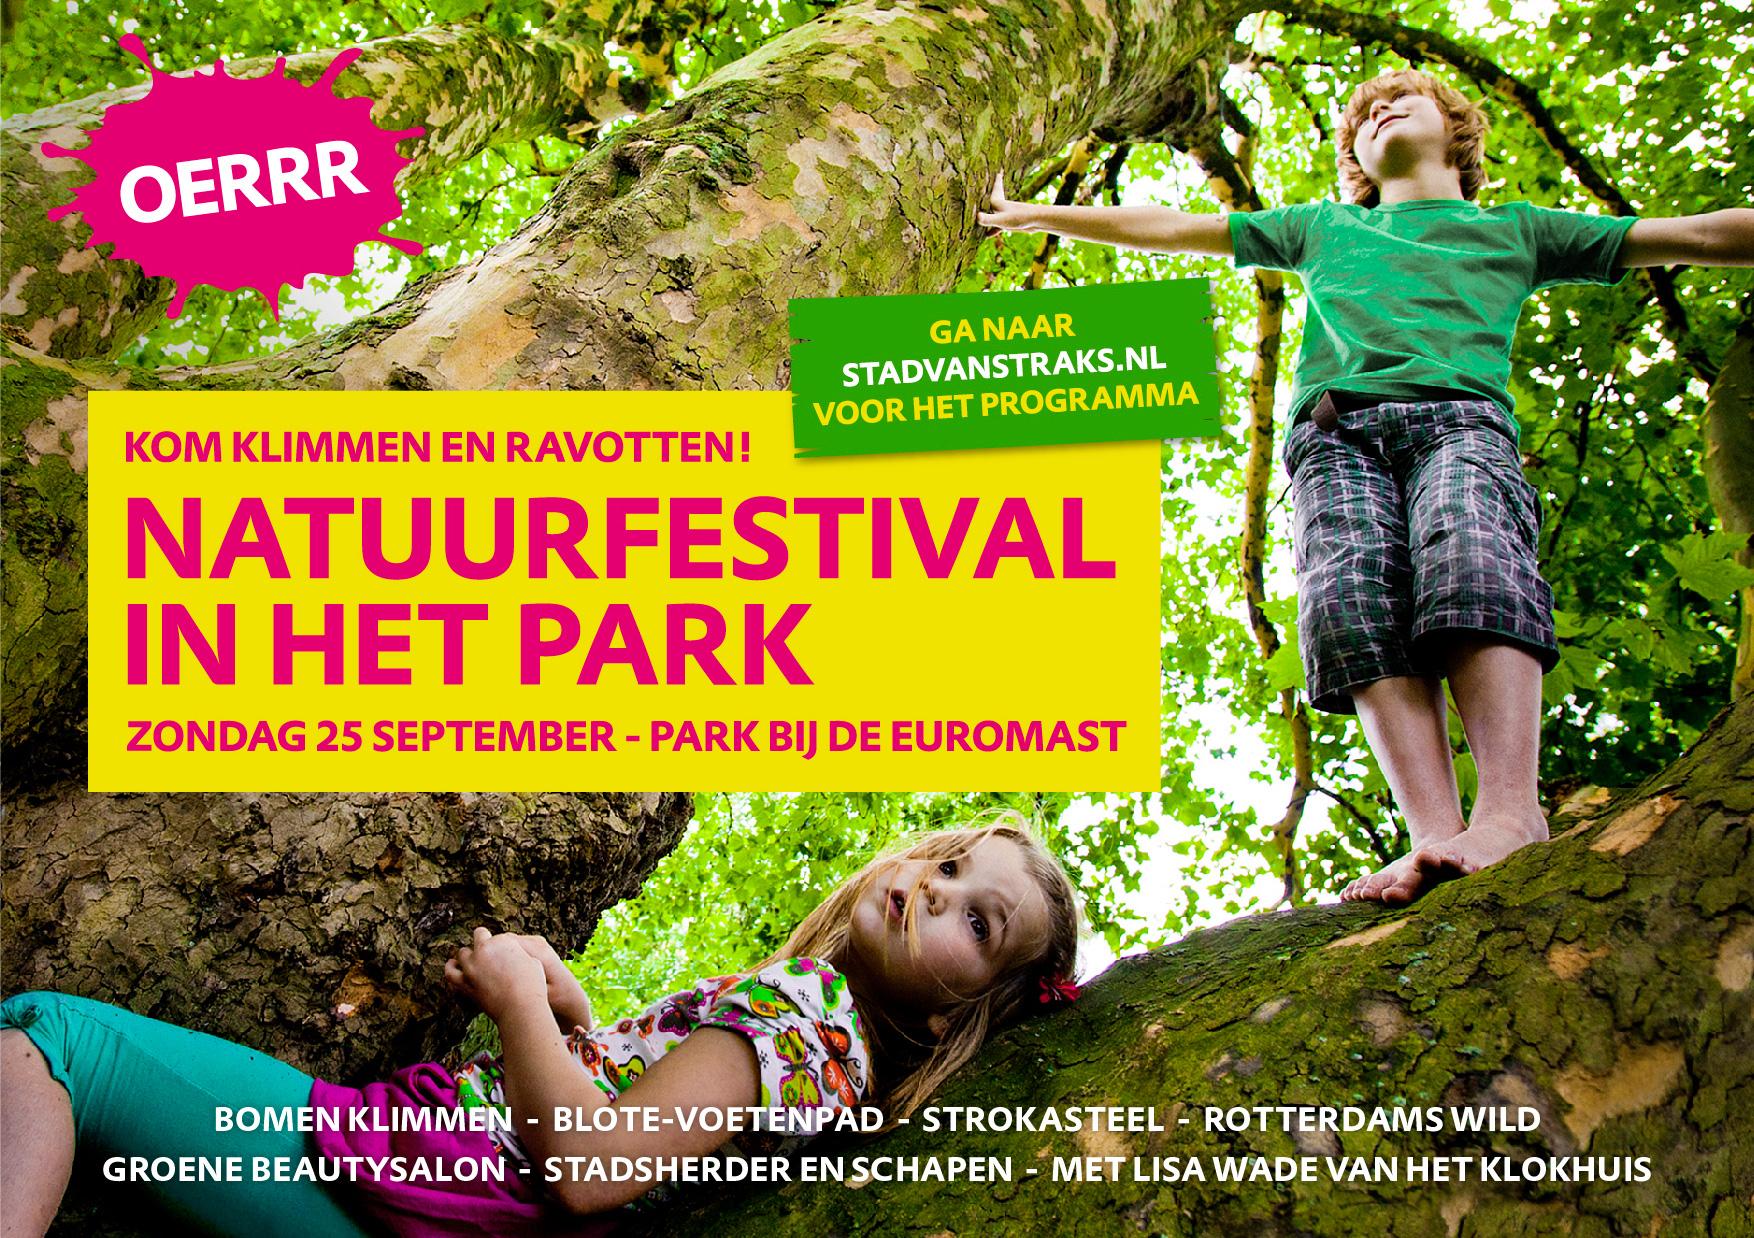 Natuurfestival in het Park bij de Euromast